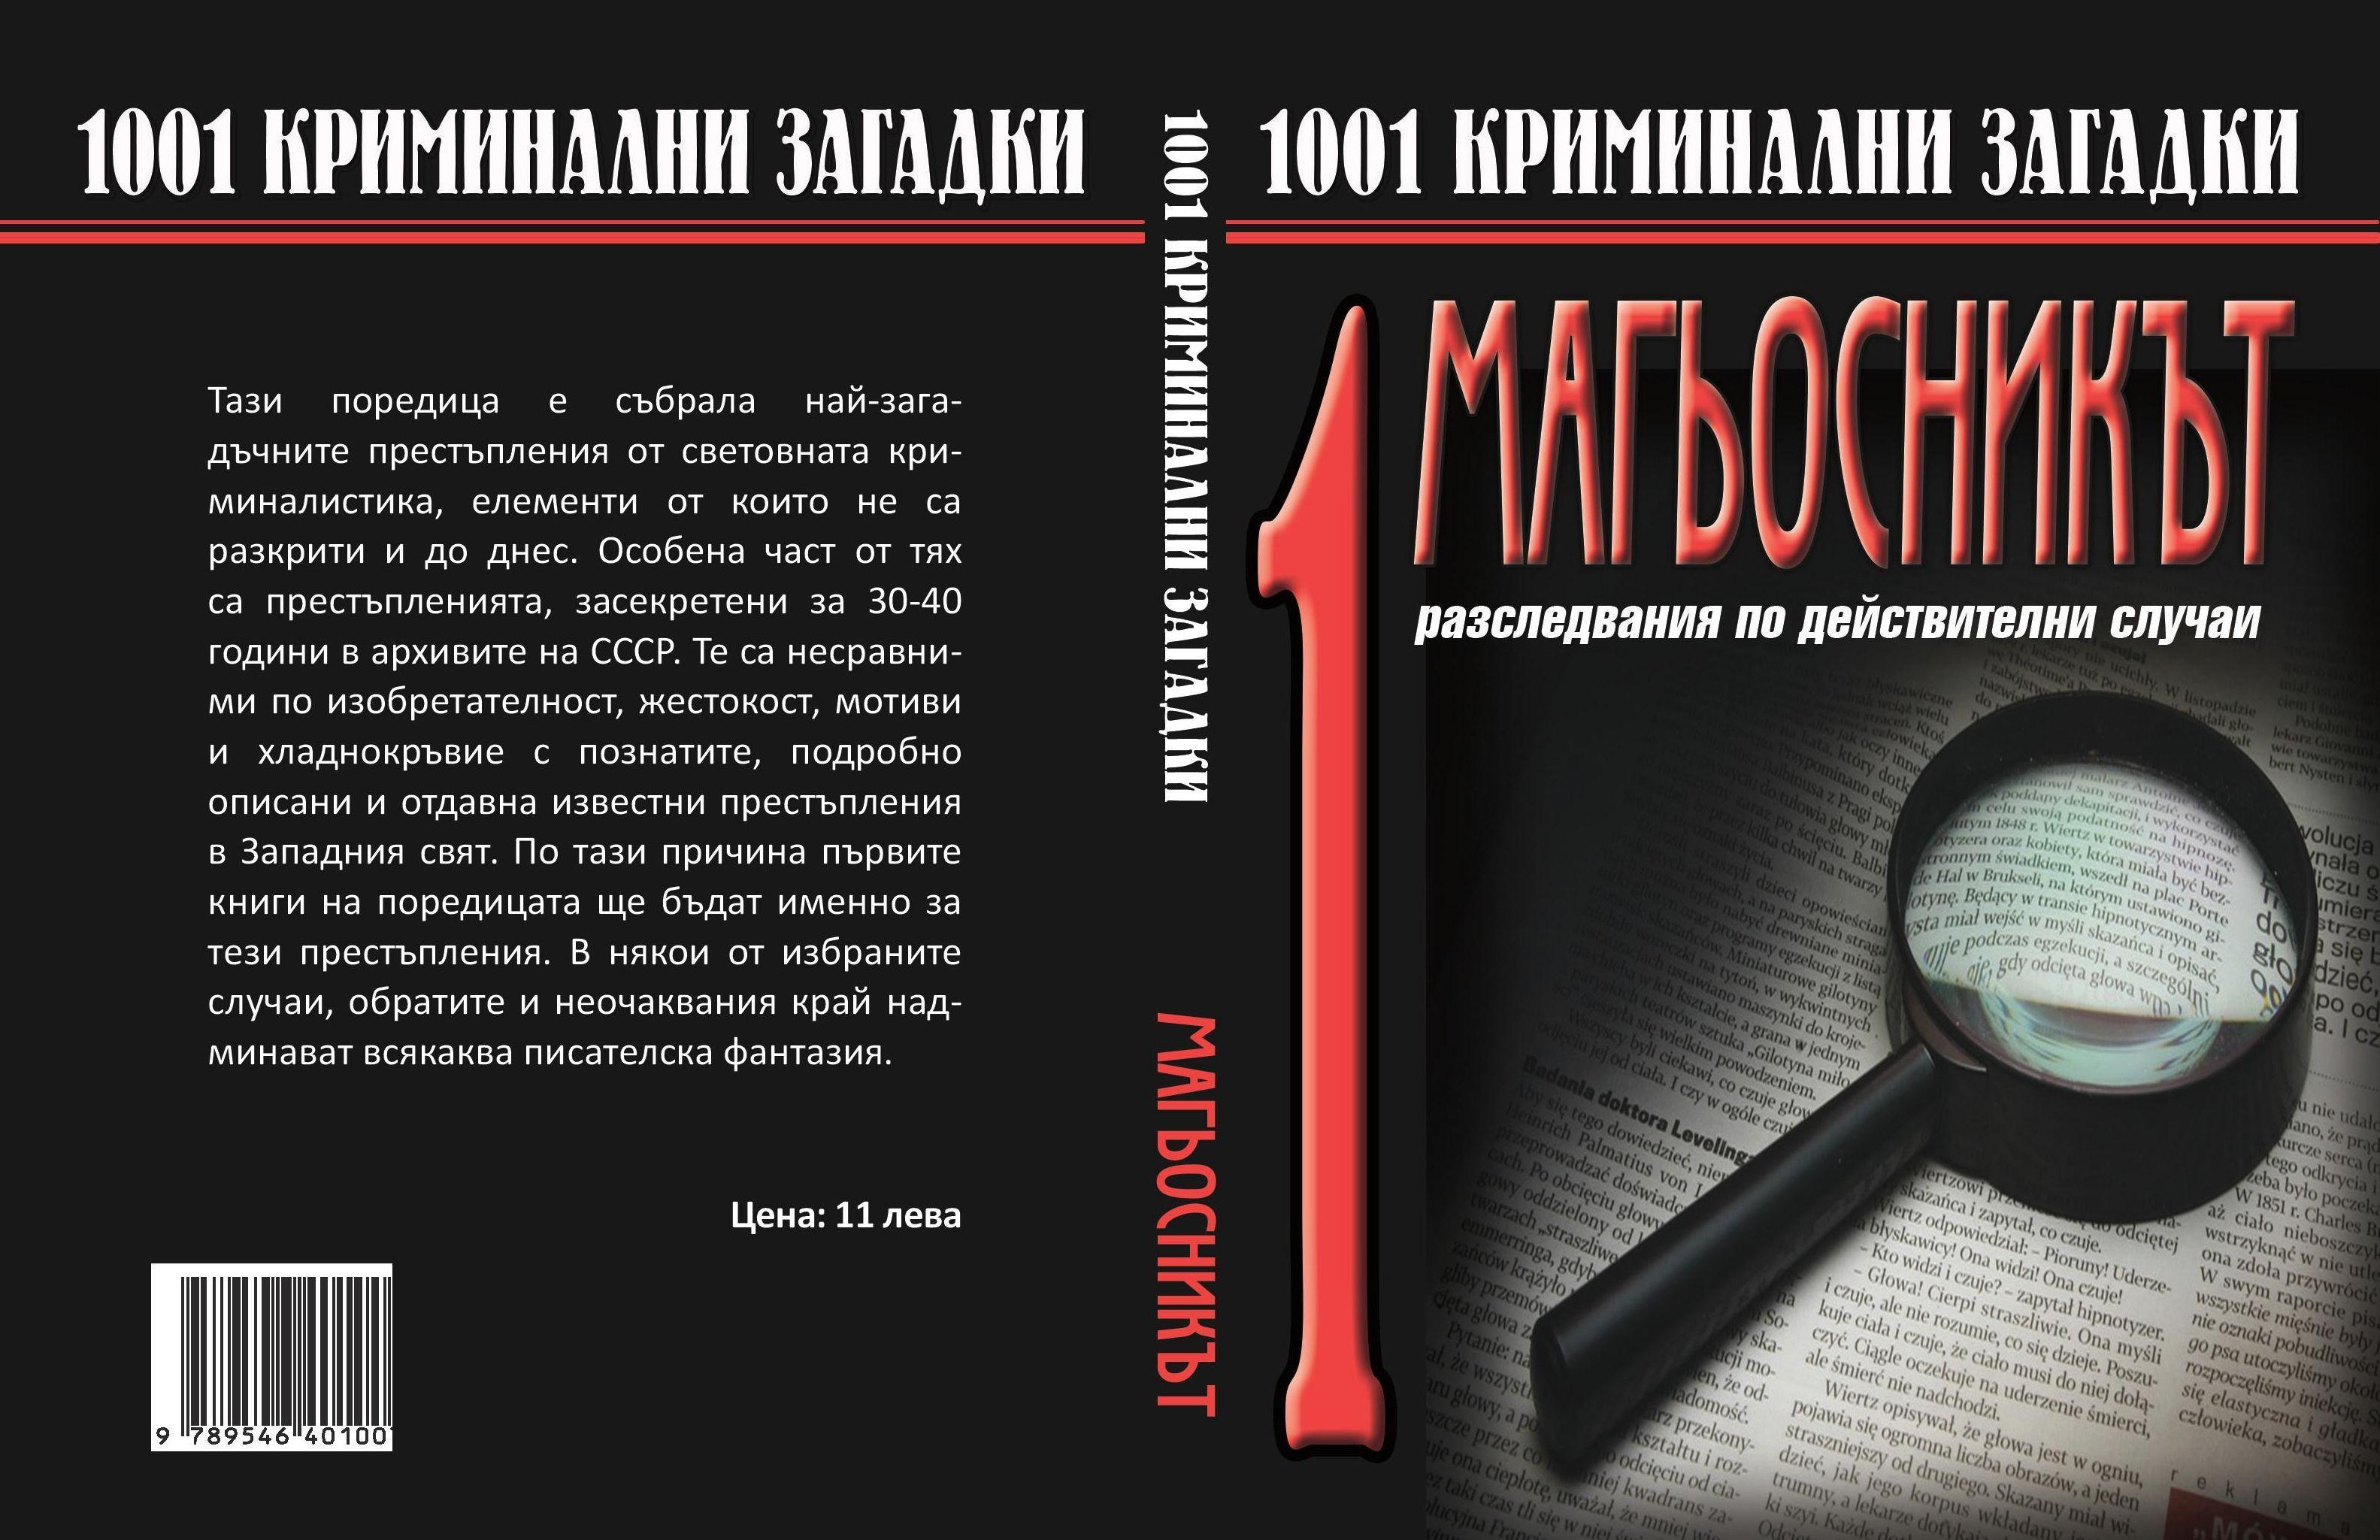 1001 криминални загадки - книга 1 - 2